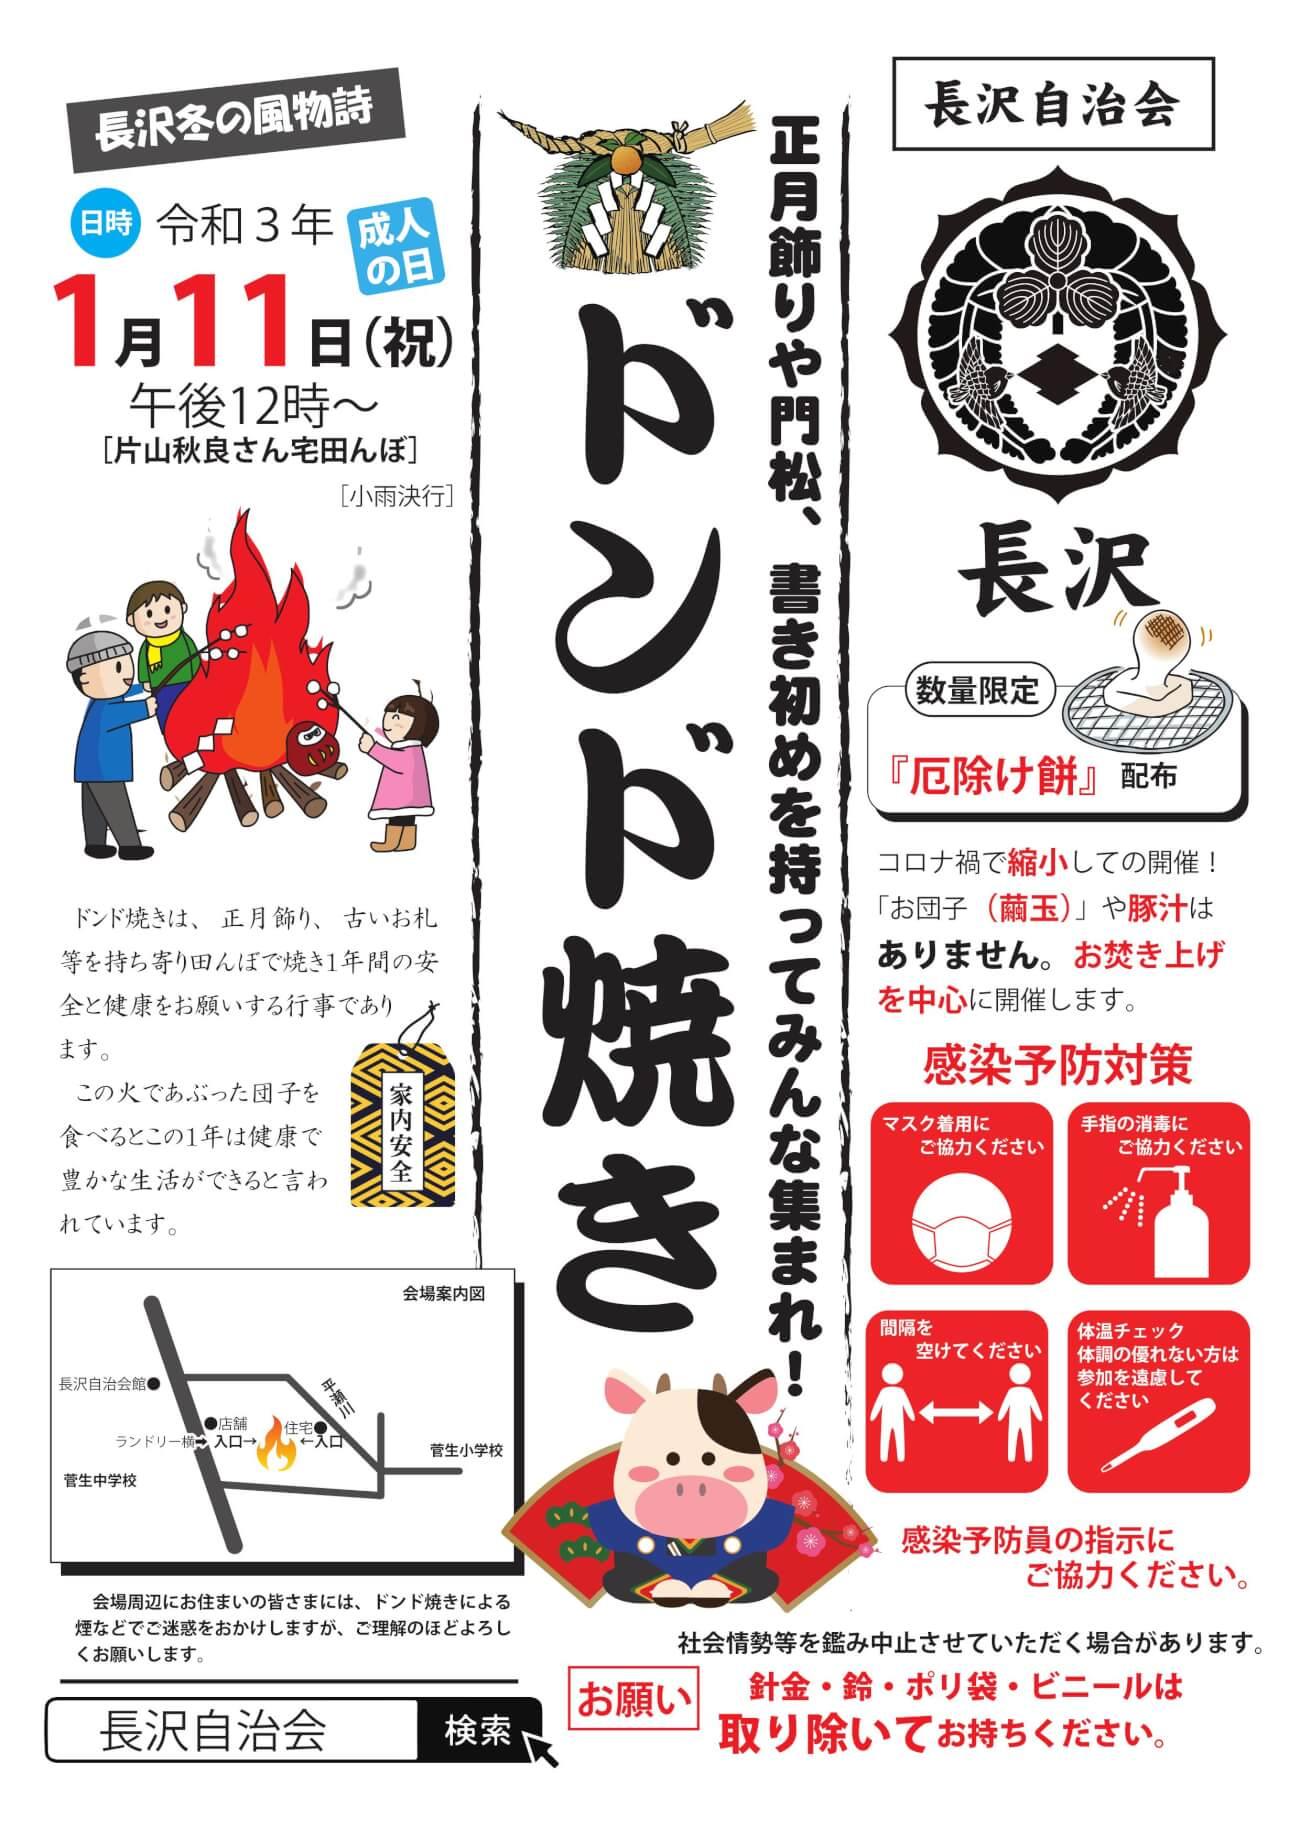 長沢自治会-ドンド焼チラシ_imgs-0001